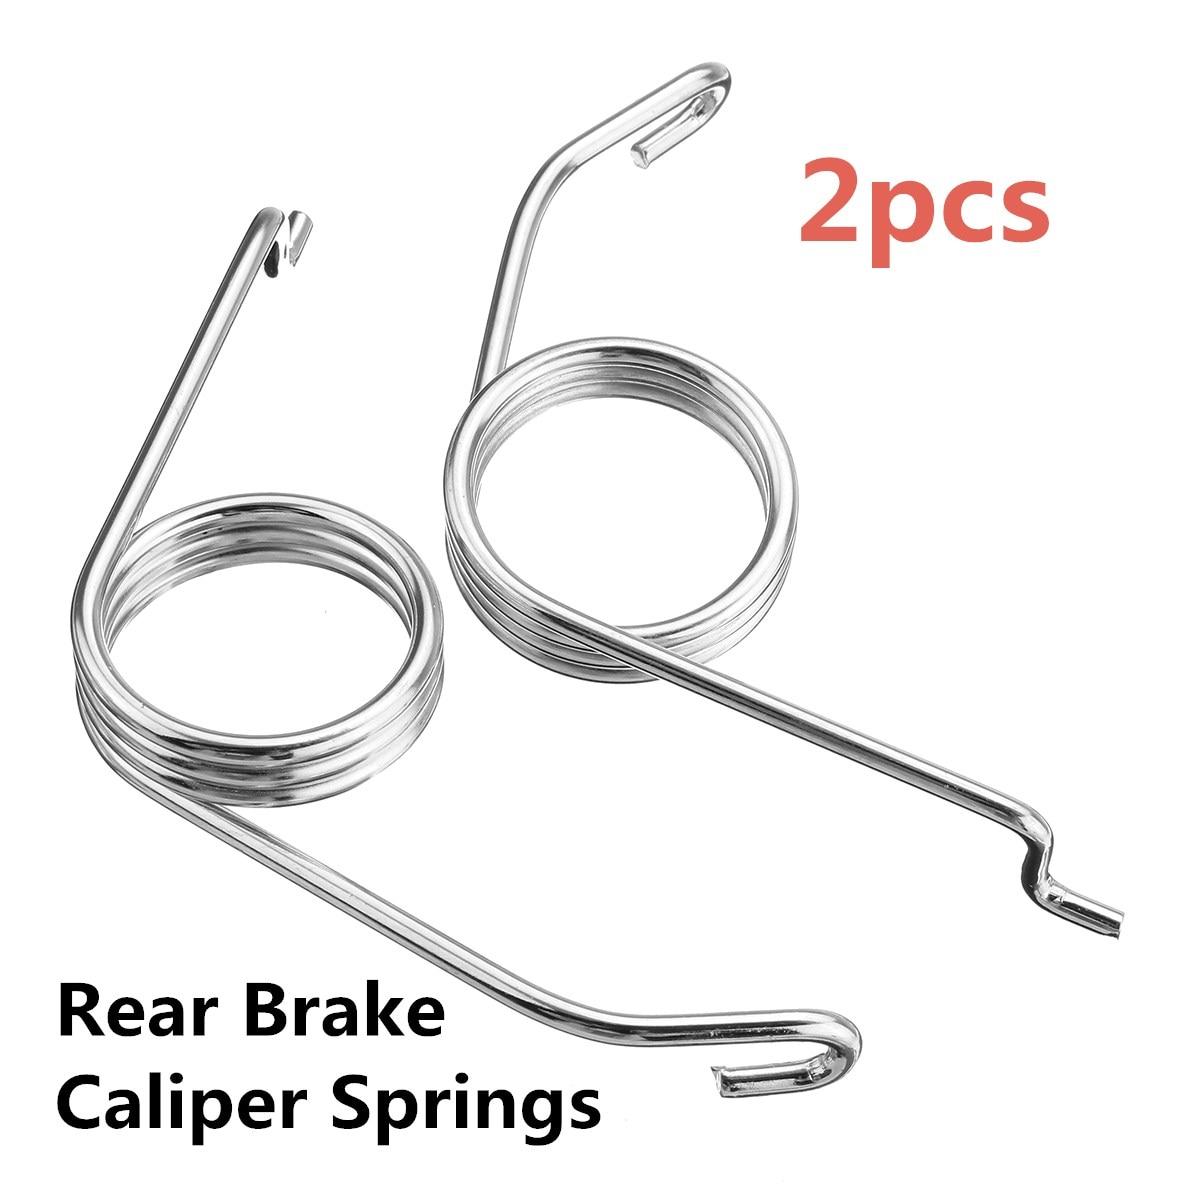 2pcs Car Rear Brake Caliper Springs WHC01212N 2230121 For VW Golf MK4 1998-2004